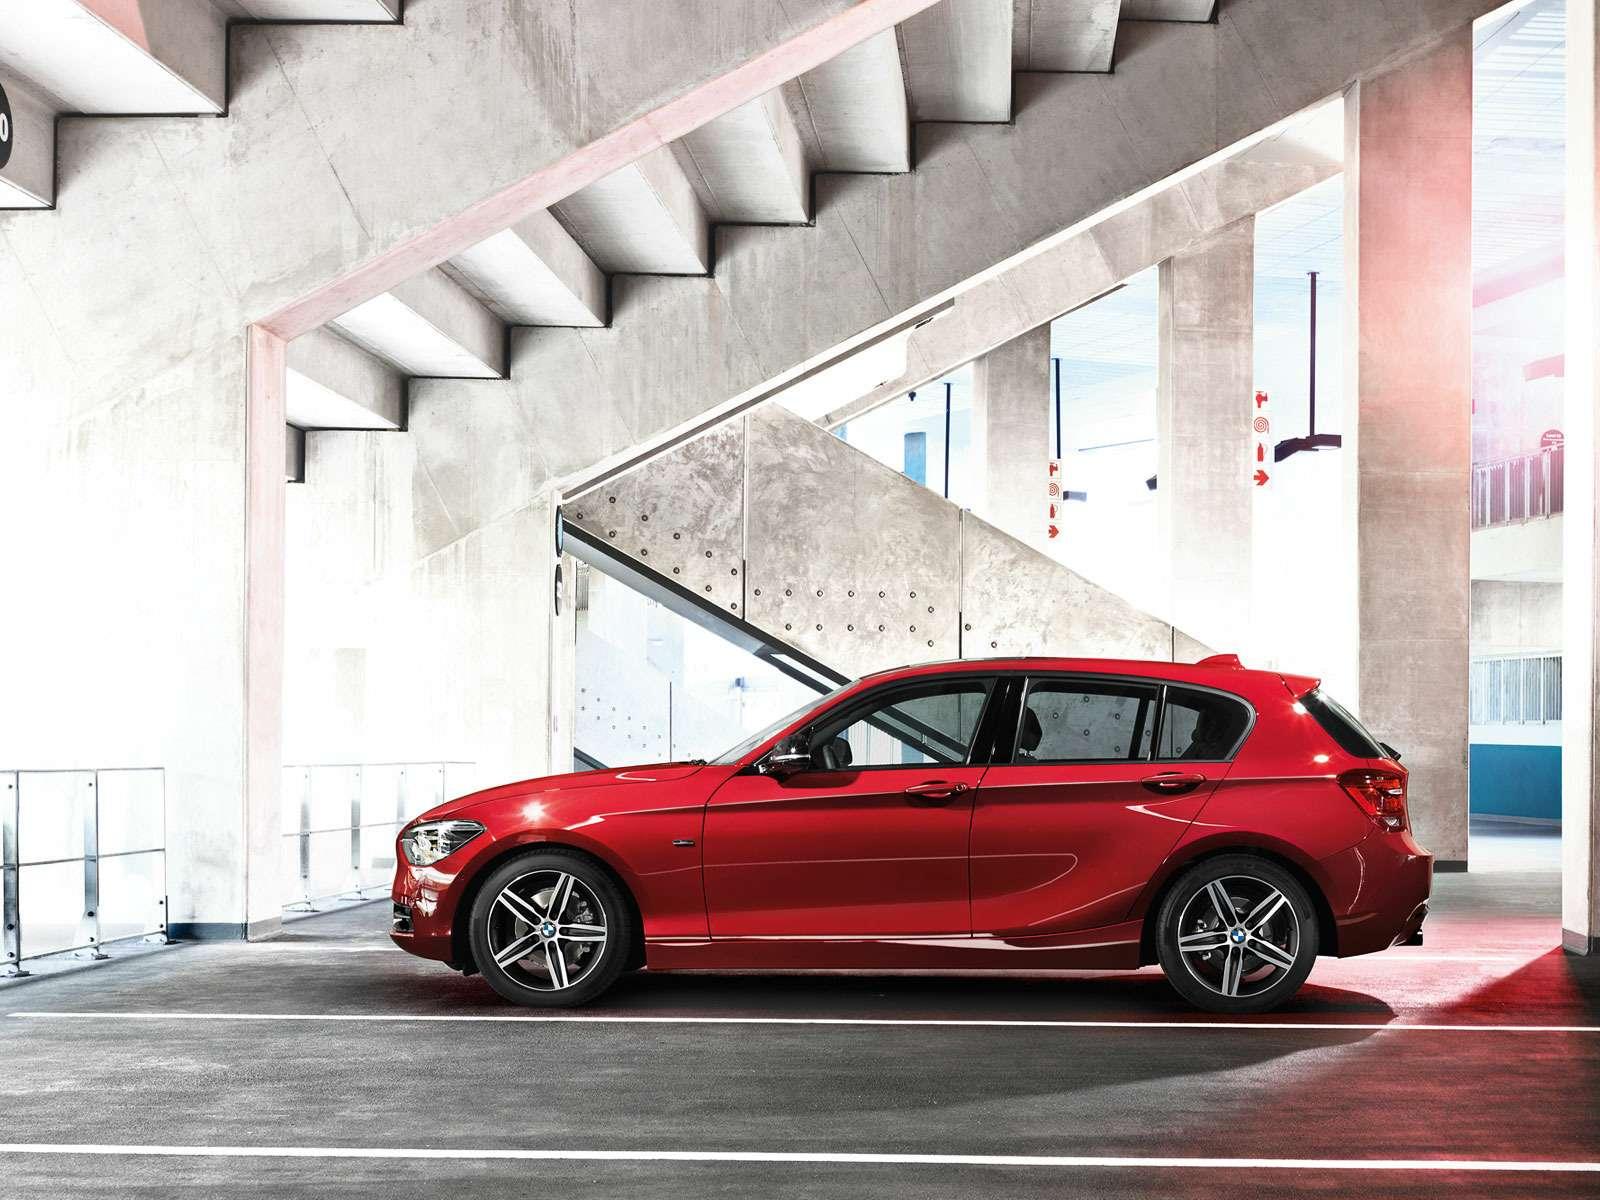 BMWповышает цены наавтомобили с20декабря, рост до5,2%— фото 364887